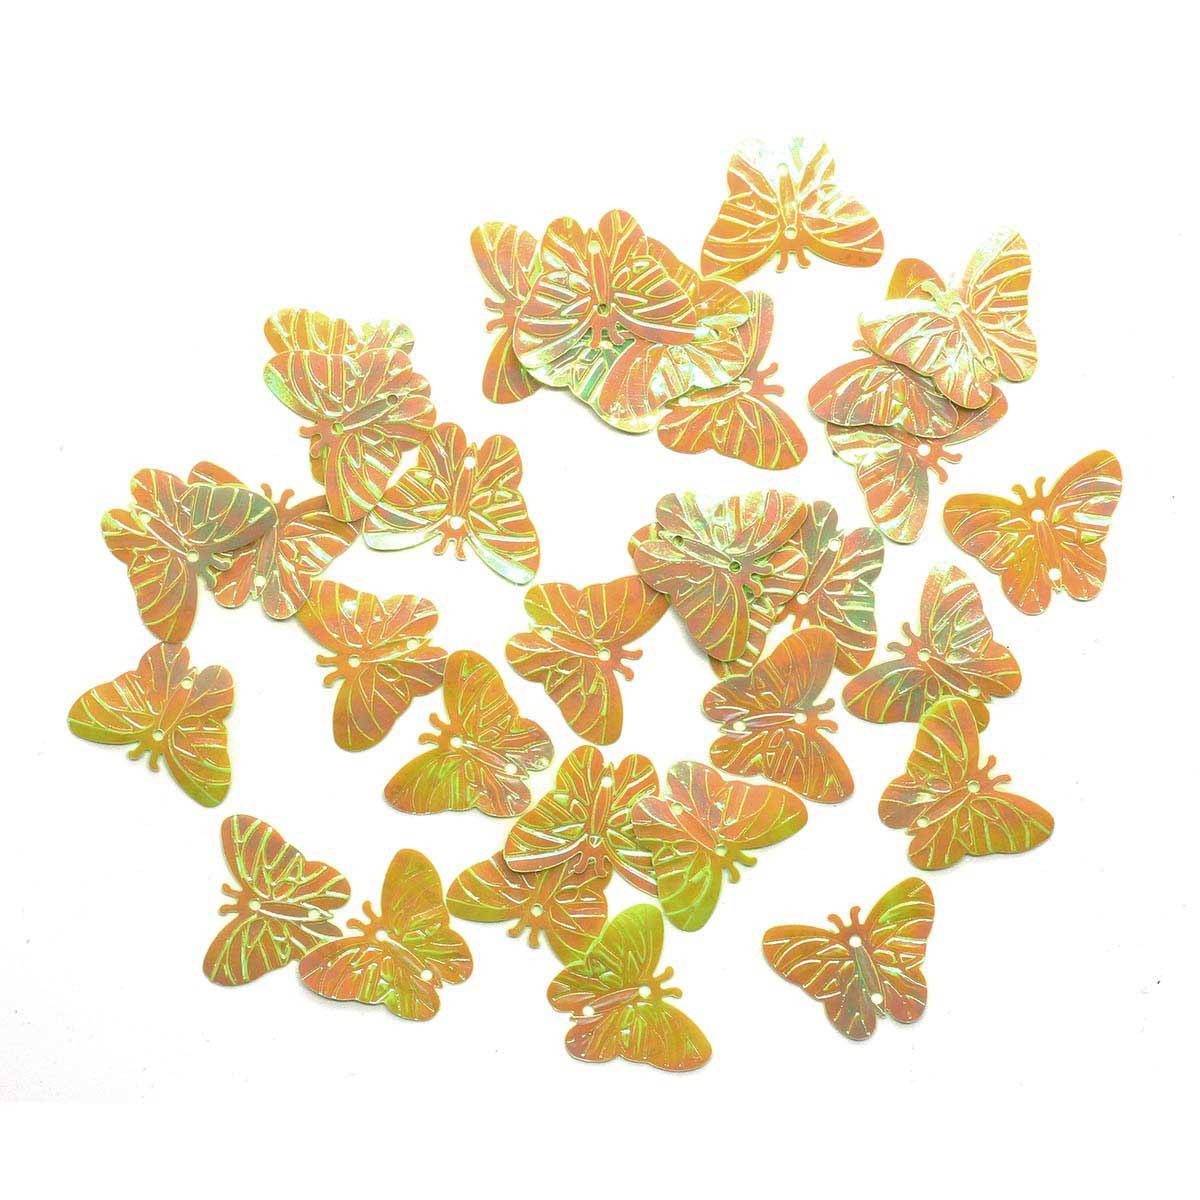 Пайетки 'бабочки', 18*23 мм, упак./10 гр., 'Астра'